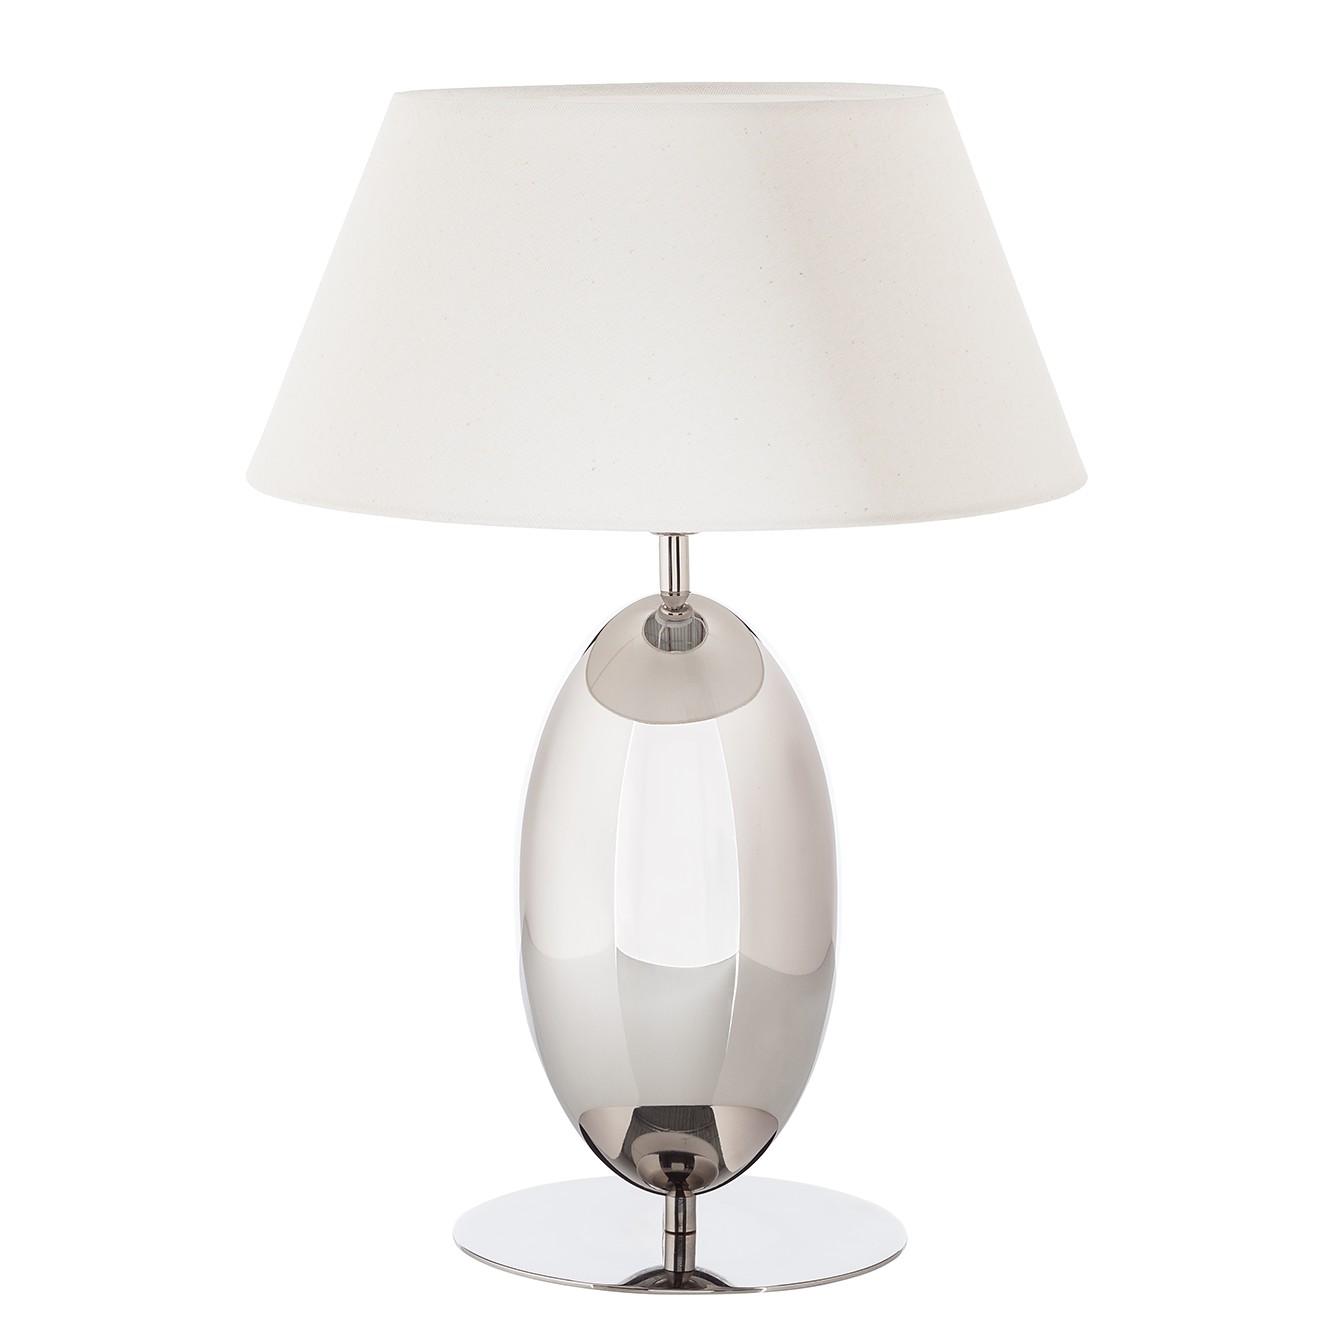 EEK A++, Lampe de table Remy - Tissu / Acier inoxydable - 1 ampoule, Loistaa